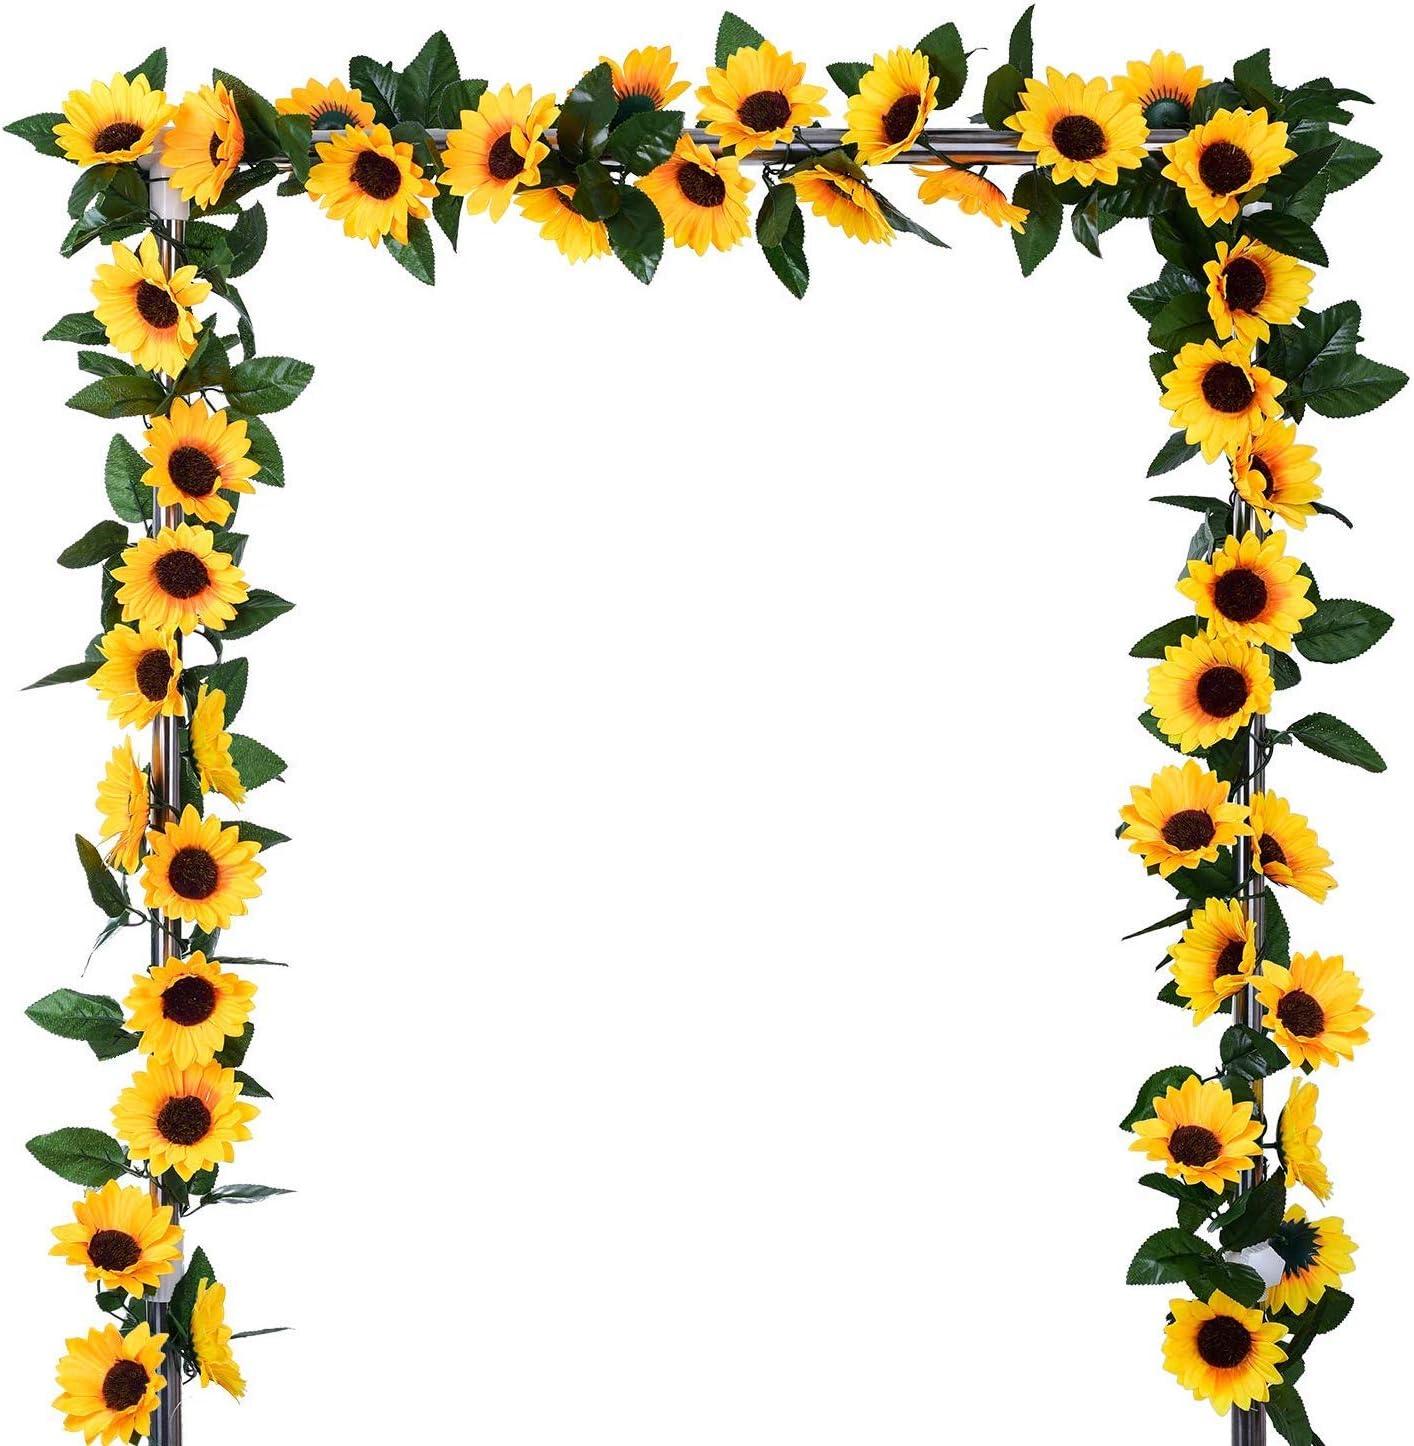 BEFINR 4Pcs 7.4FT Artificial Sunflower Vine Hanging Sunflower Garland Silk Flowers with Garden Craft Art Party Home Wedding Decor